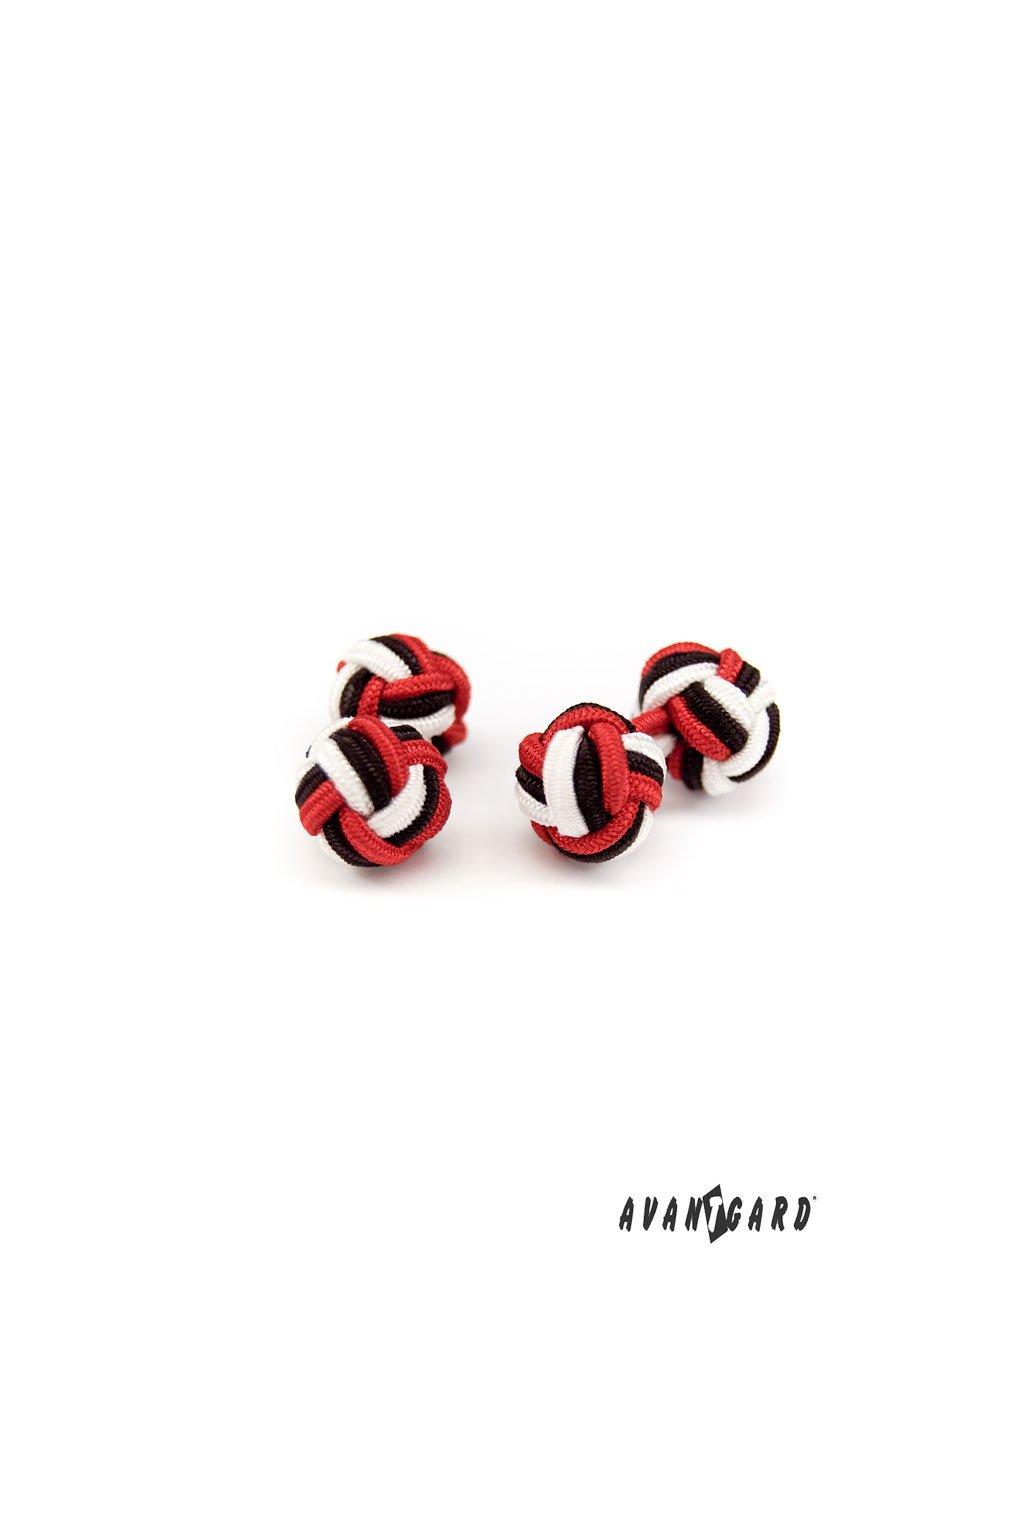 Knots - manžetové uzlíky AVANTGARD černá 614 - 2312